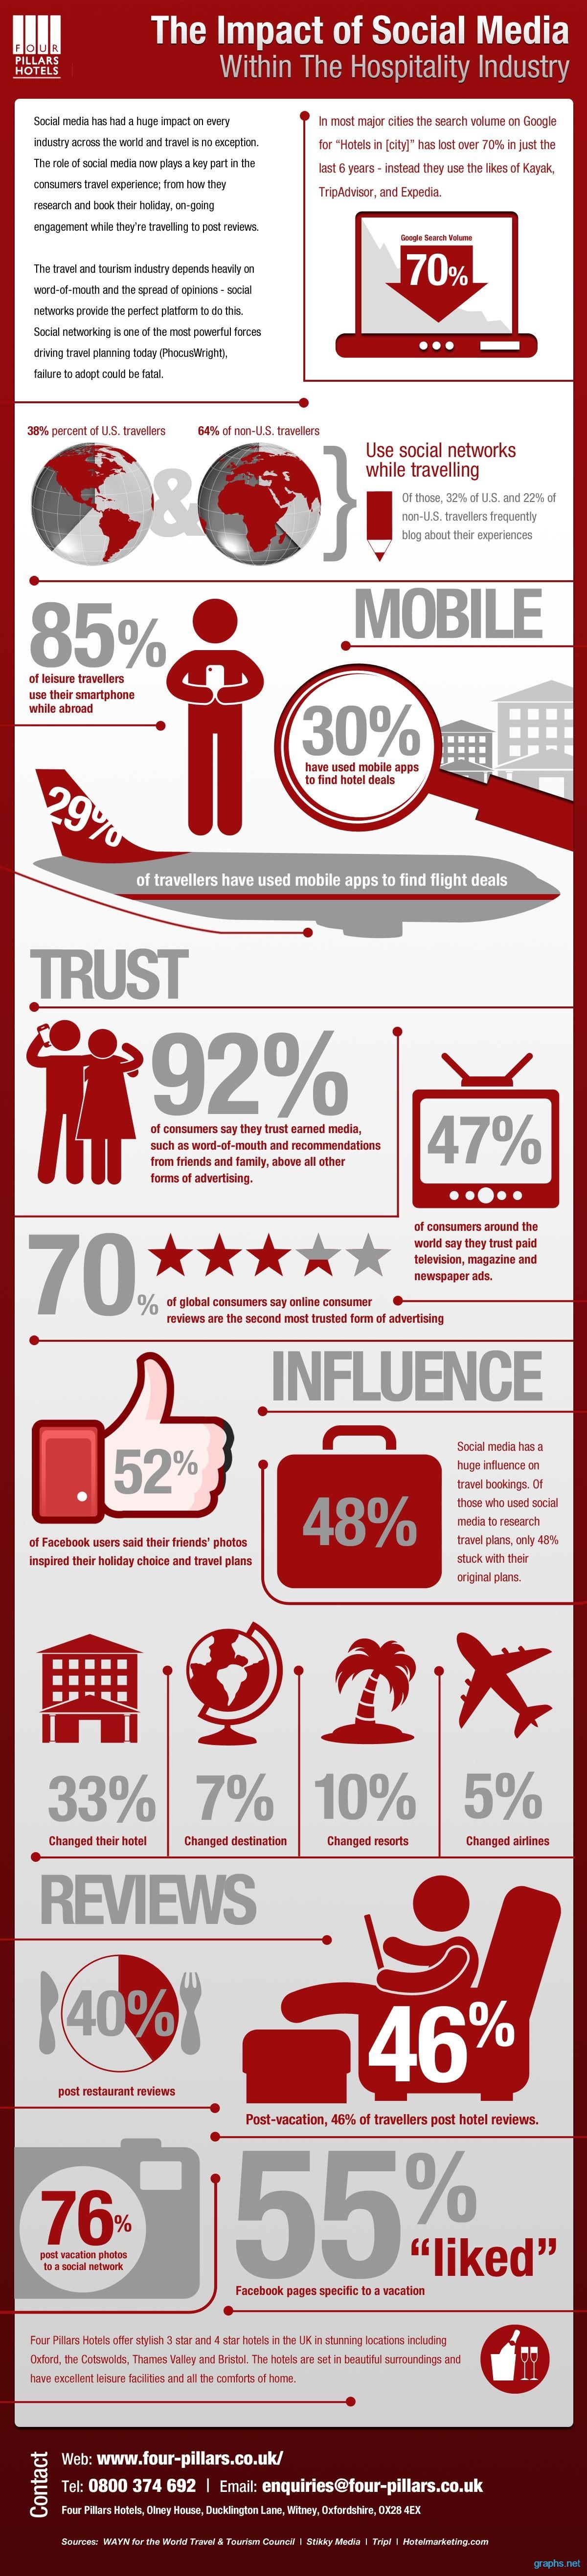 impact social media travel industry